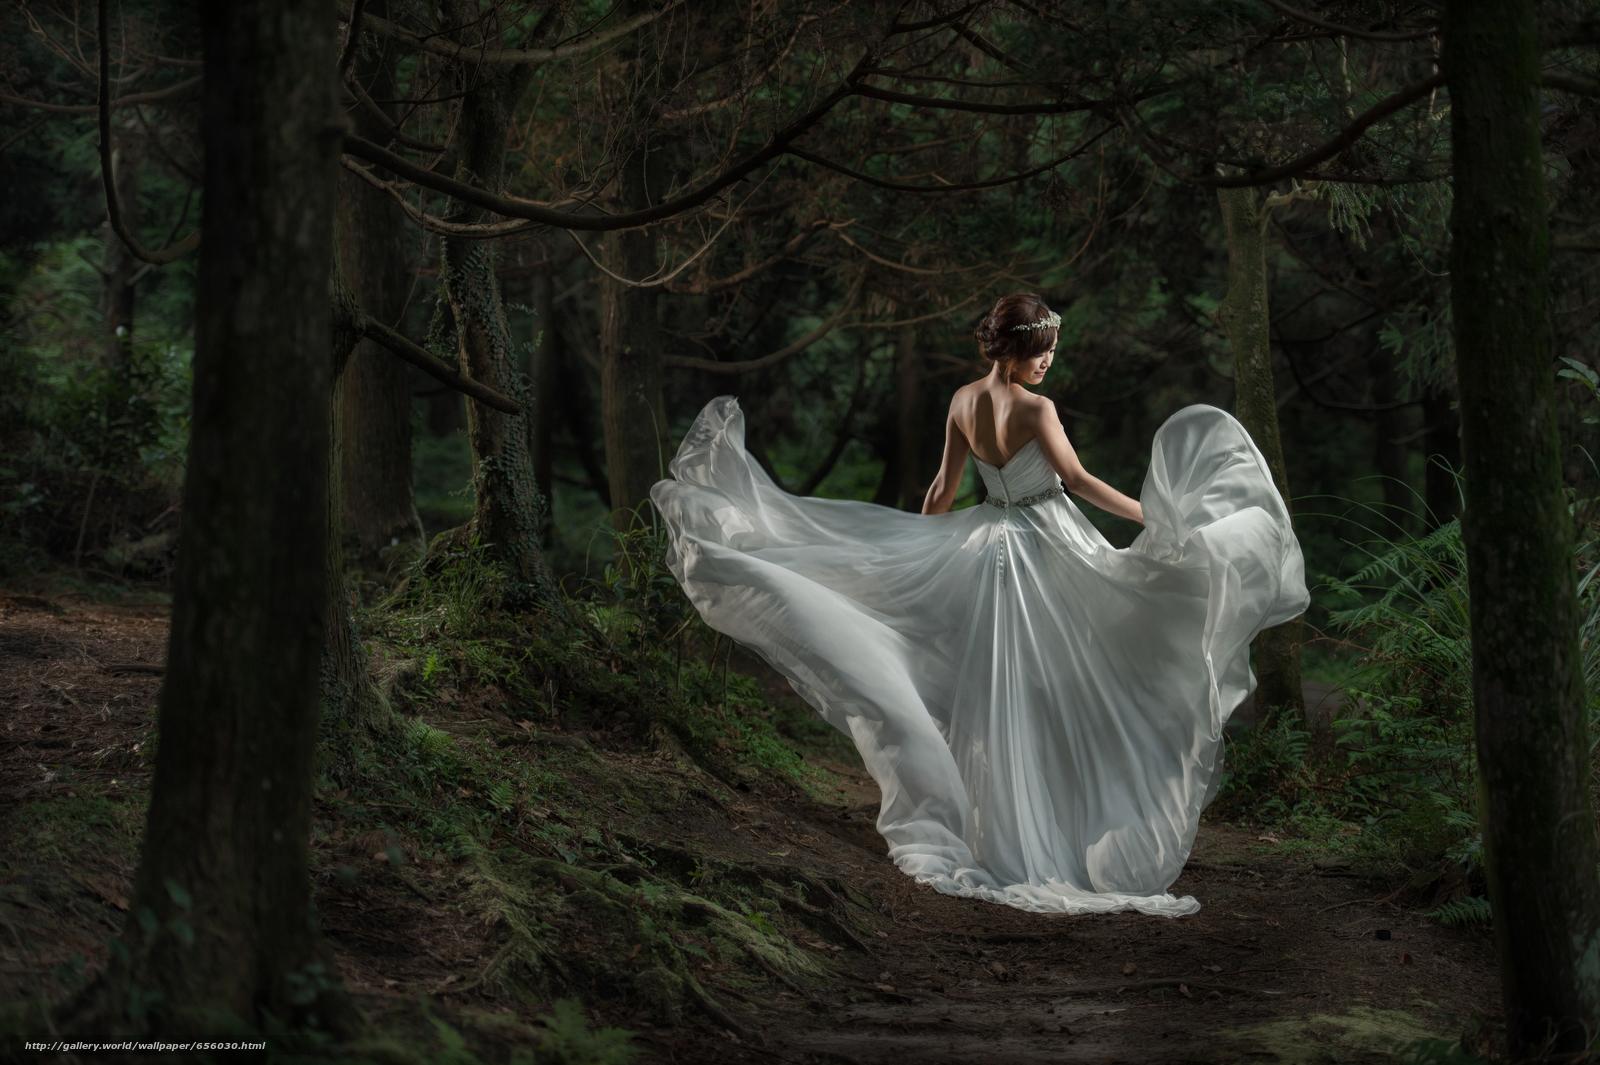 pobra tapety Asian,  panna młoda,  Wedding Dress,  ubierać Darmowe tapety na pulpit rozdzielczoci 4928x3280 — zdjcie №656030